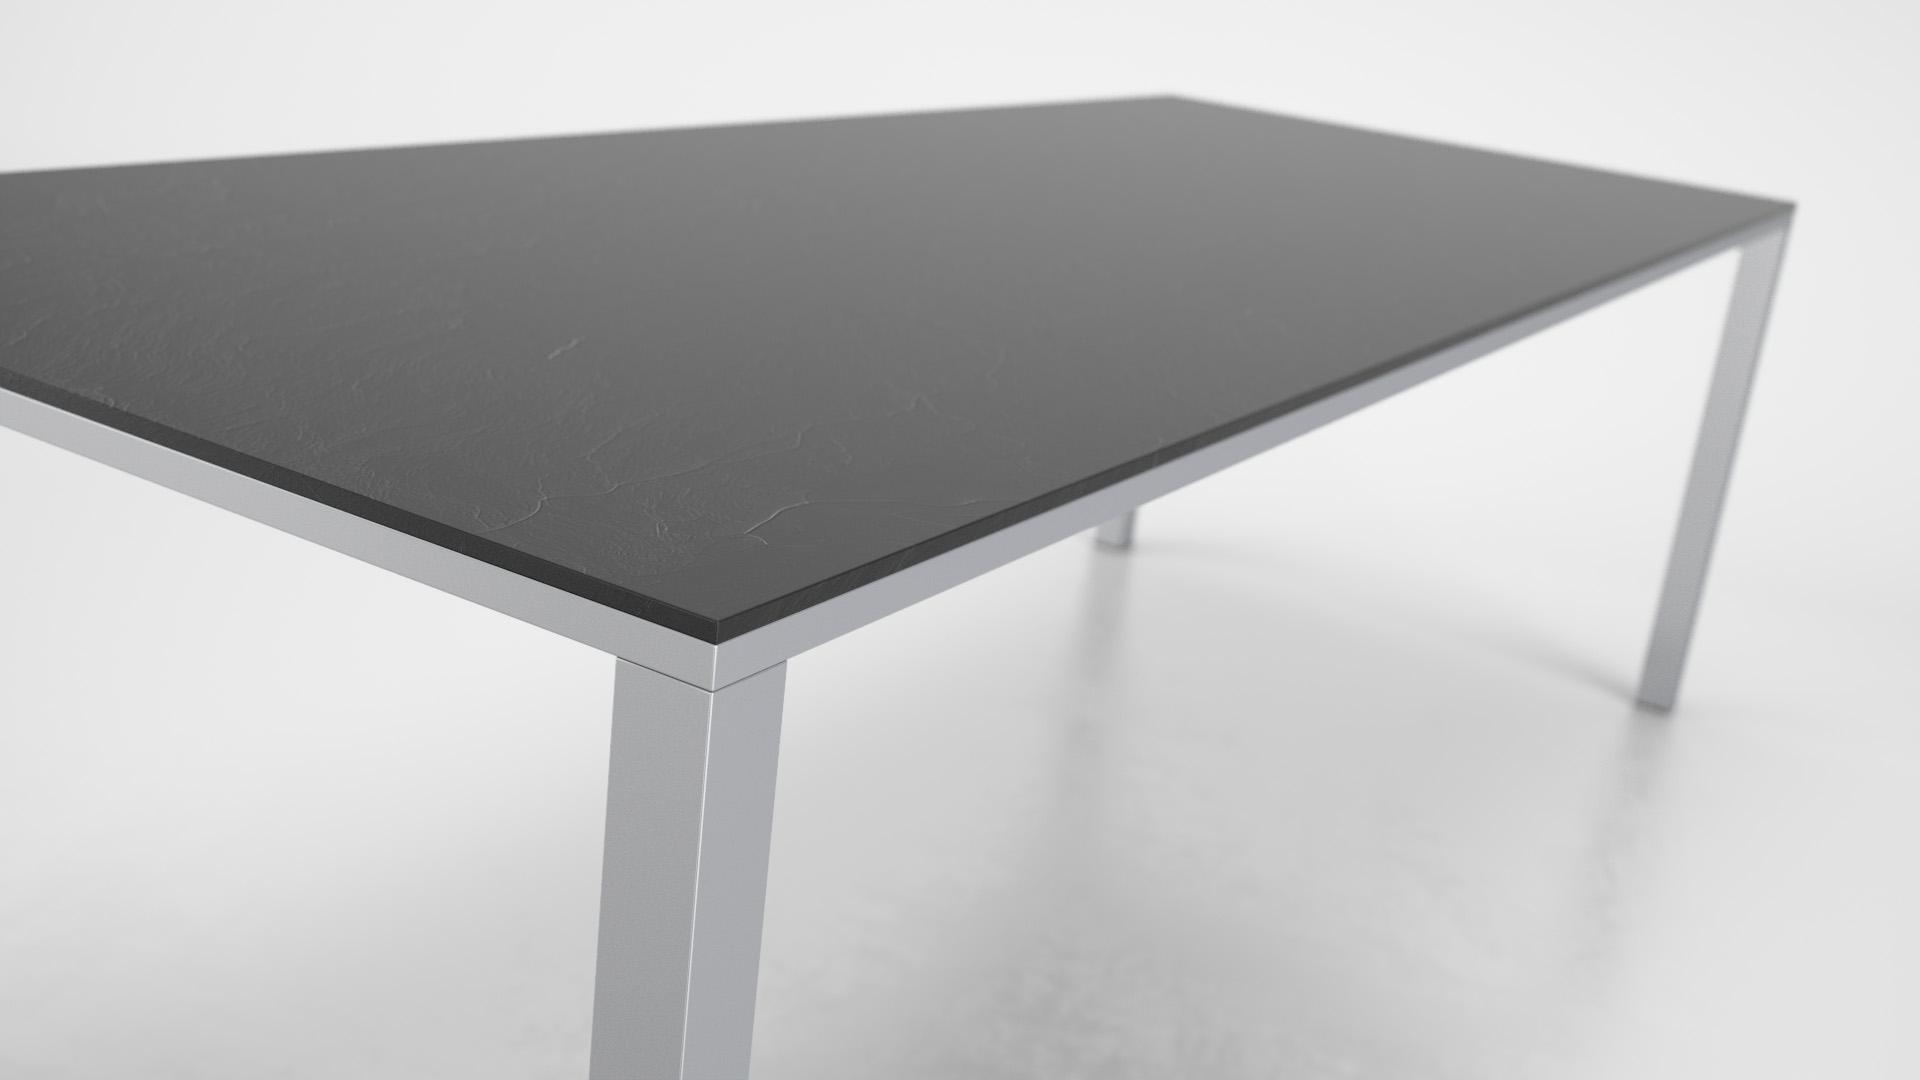 Tribu_Essentiel_Table_WhiteSet_01_0004